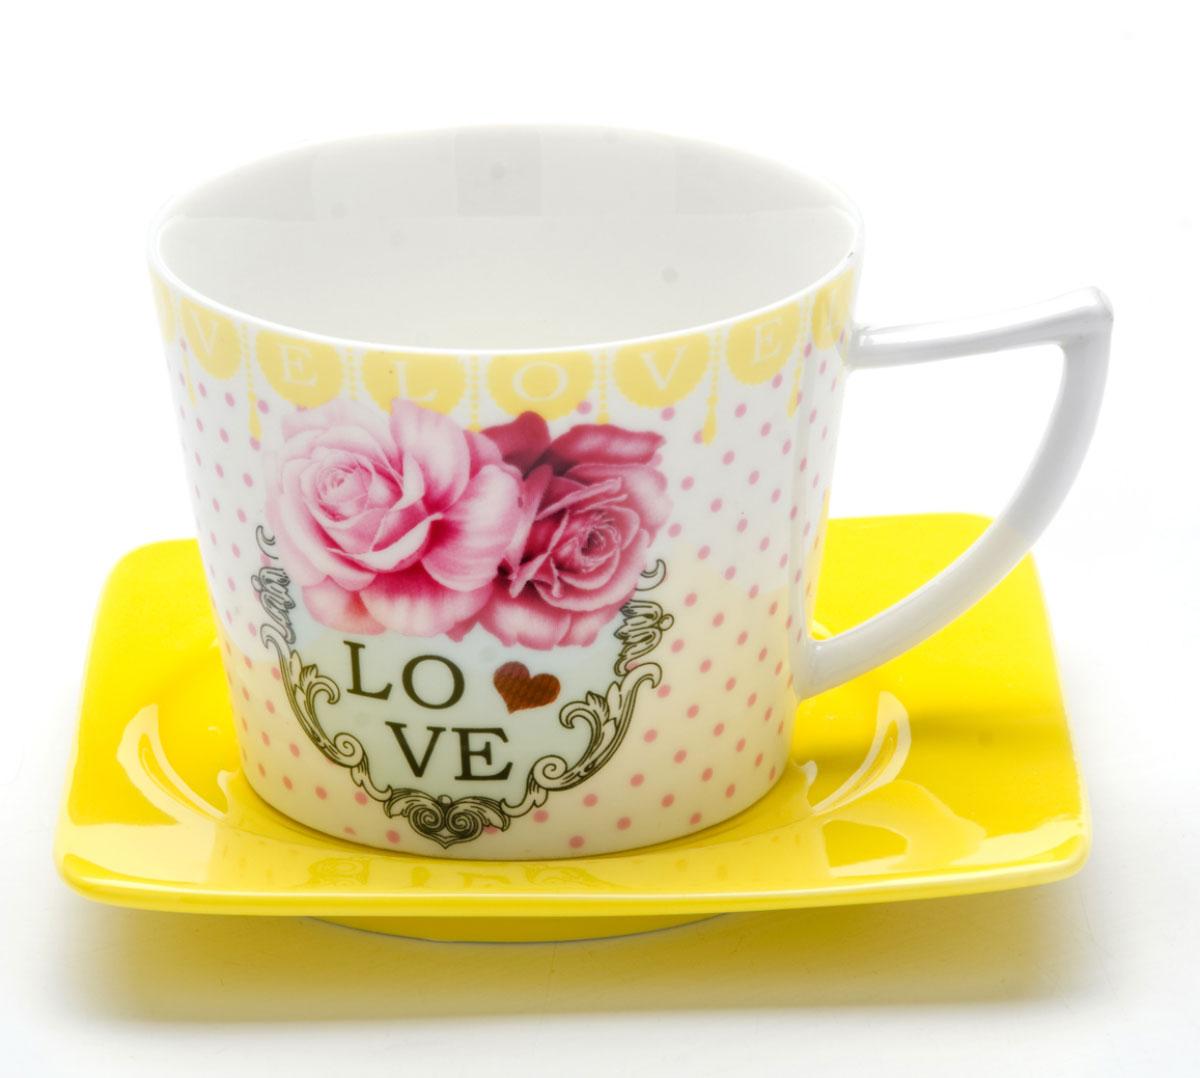 Чайная пара Loraine I LOVE YOU, 230 мл, 2 предмета. 2471124711Этот чайный набор, выполненный из керамики, состоит из одной чашки и блюдца. Предметы набора оформлены ярким изображением I LOVE YOU. Изящный дизайн и красочность оформления придутся по вкусу и ценителям классики, и тем, кто предпочитает утонченность и изысканность. Чайный набор - идеальный и необходимый подарок для вашего дома и для ваших друзей в праздники, юбилеи и торжества! Он также станет отличным корпоративным подарком и украшением любой кухни. Чайный набор упакован в подарочную коробку из плотного цветного картона. Внутренняя часть коробки задрапирована белым атласом.